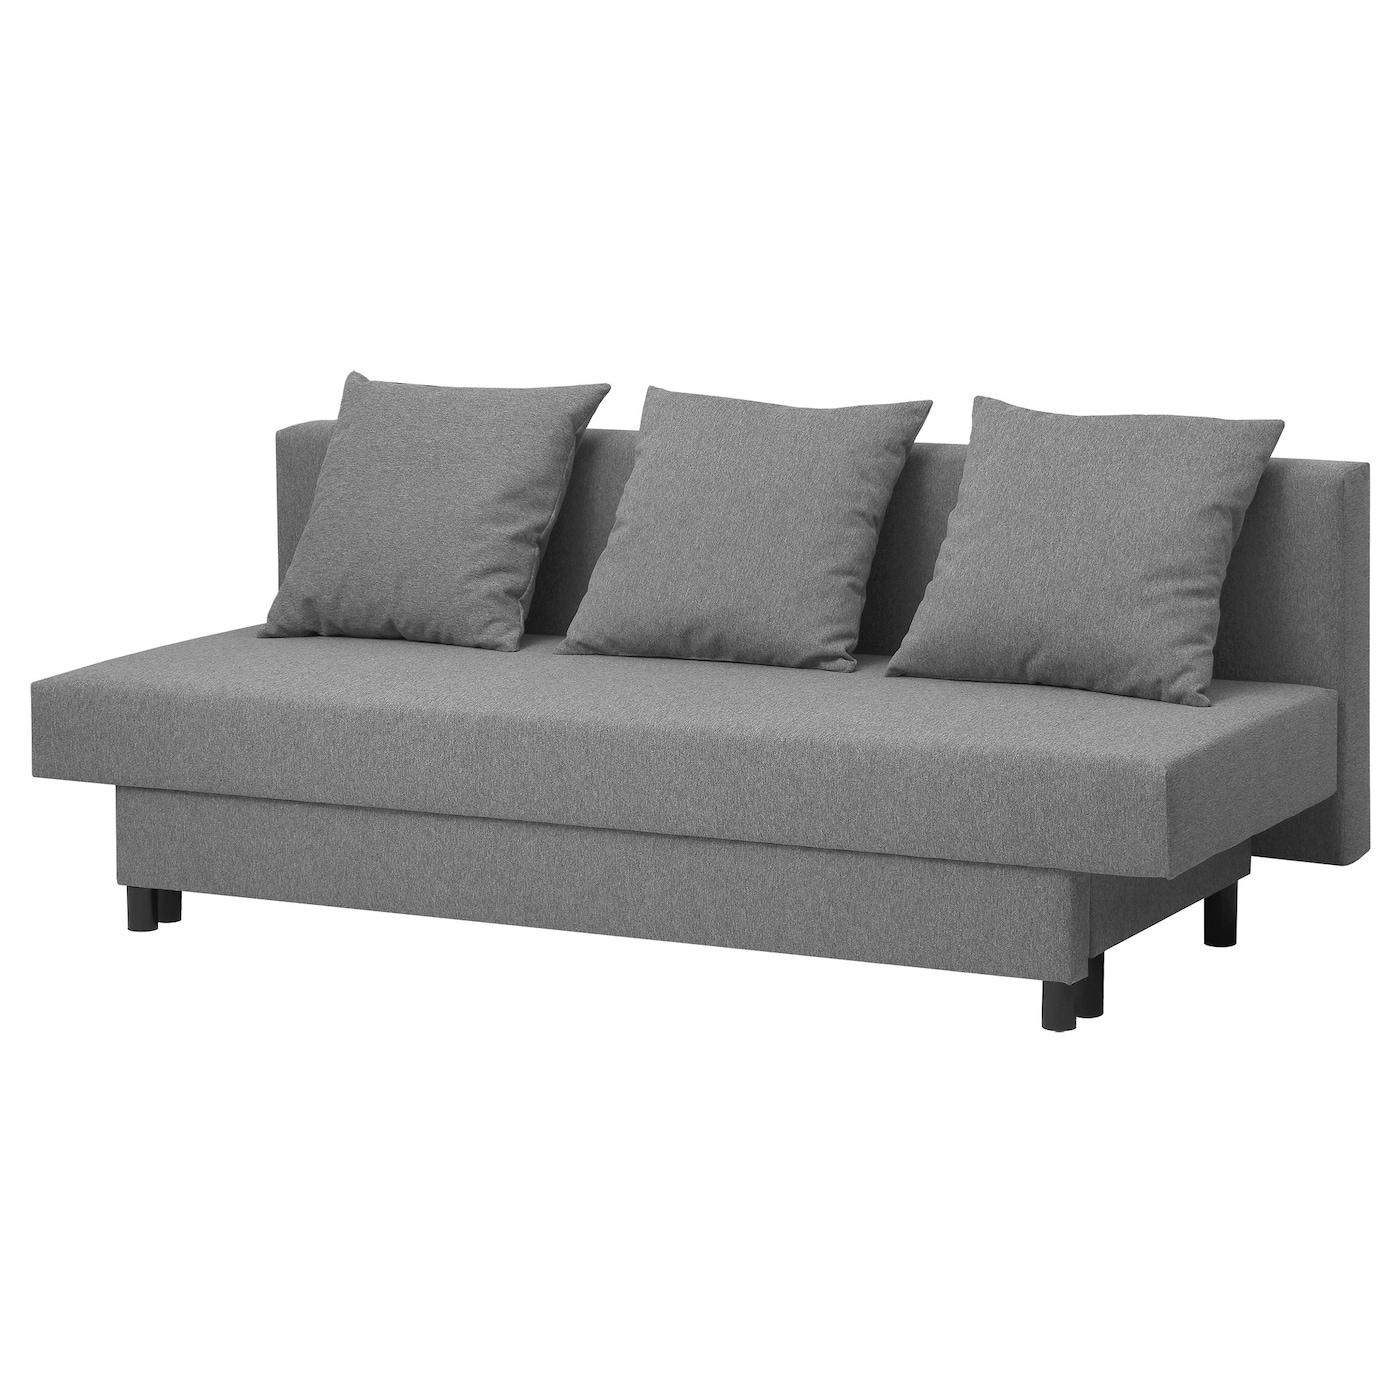 Bed En Bank Ineen.Zetelbed Sofabed Slaapzetel 1 2 Personen Goedkoop Kopen Ikea